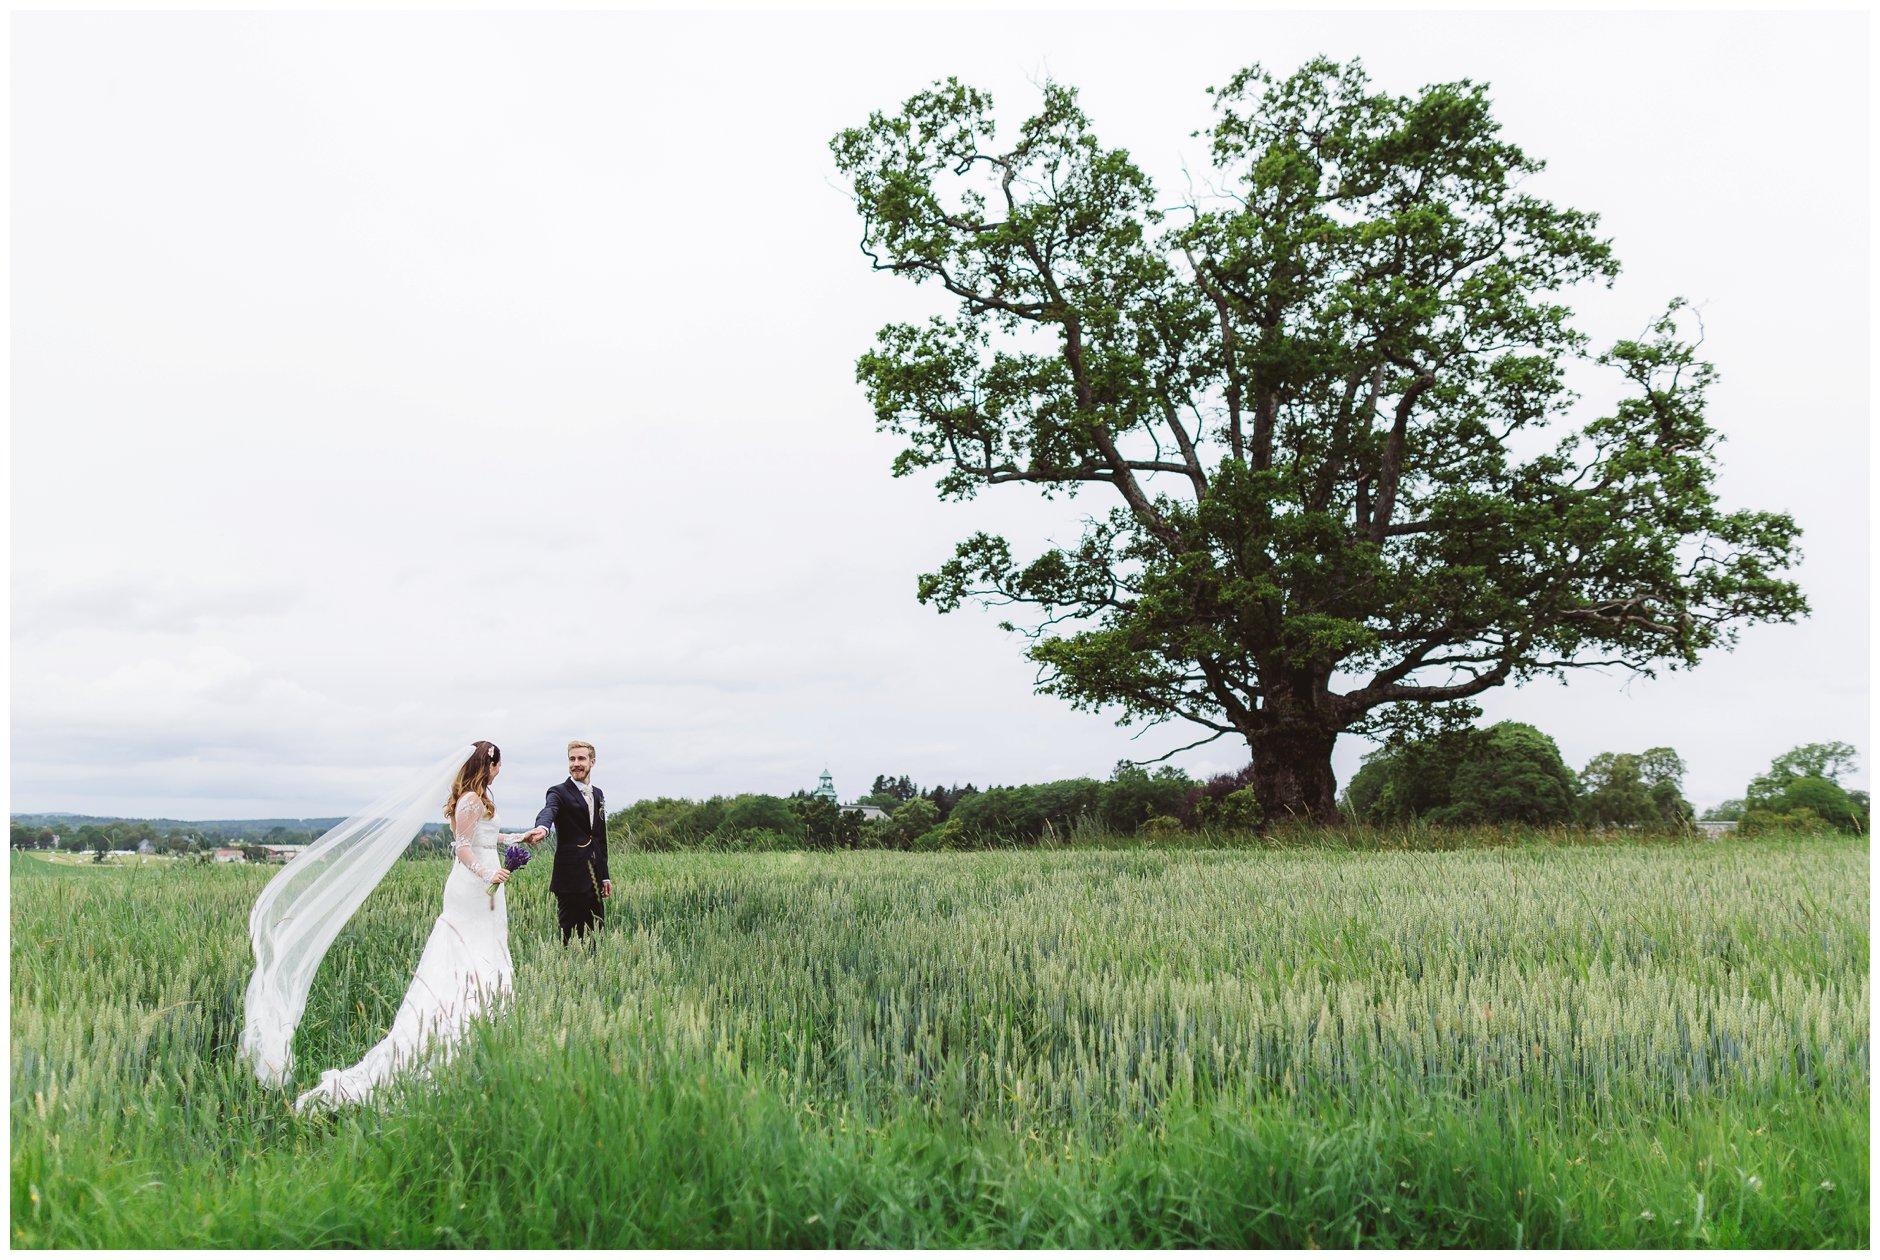 Fotograf-Eline-Jacobine-Bryllup-Glenne-Gård-Glennewedding-Drøbak_0009